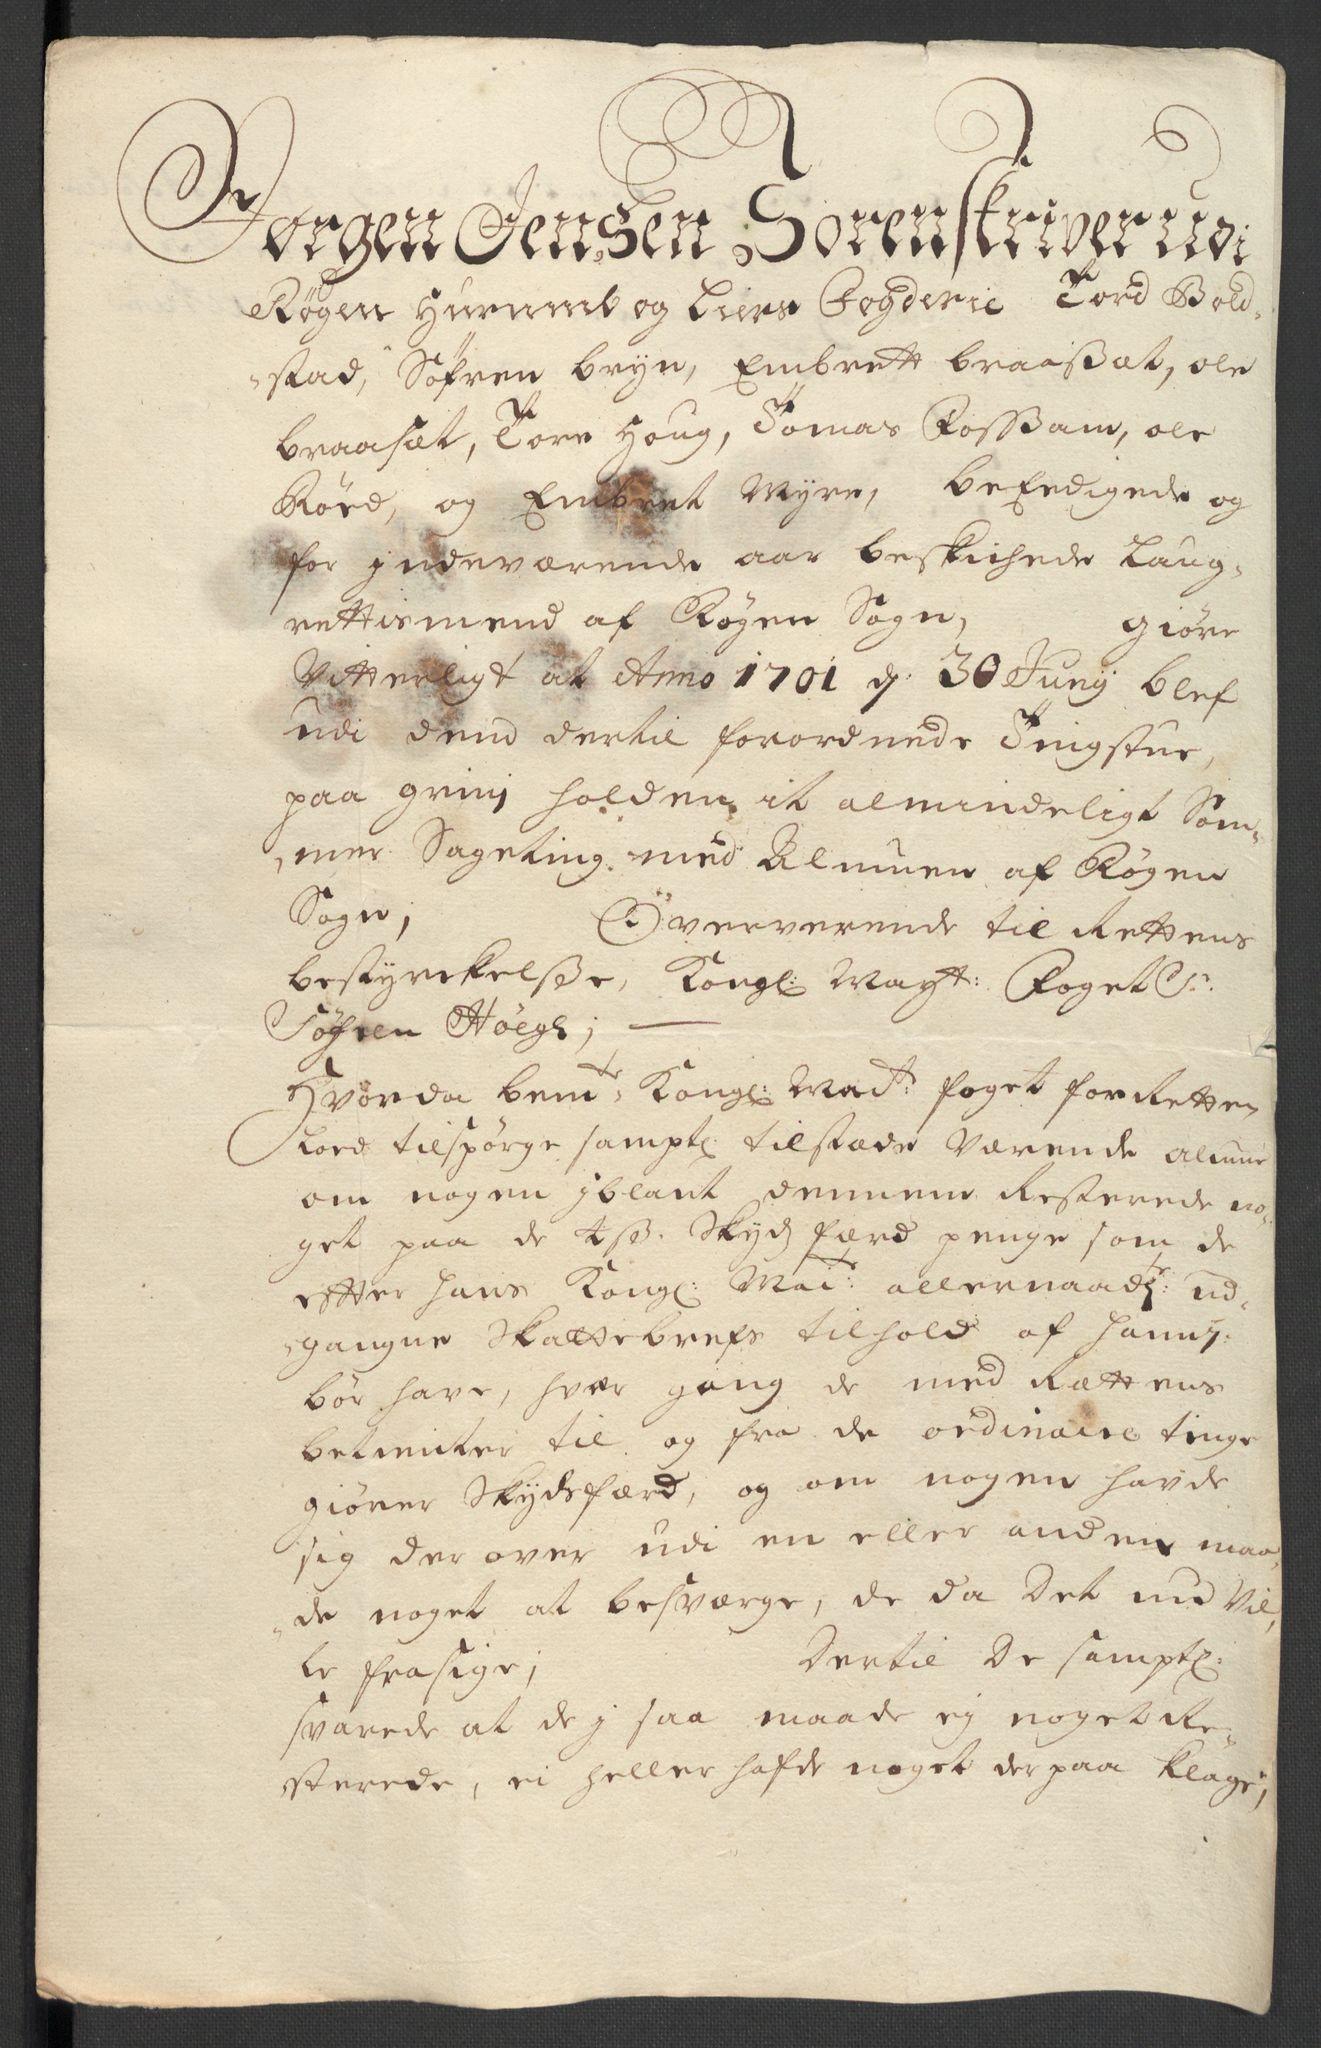 RA, Rentekammeret inntil 1814, Reviderte regnskaper, Fogderegnskap, R30/L1696: Fogderegnskap Hurum, Røyken, Eiker og Lier, 1698-1699, s. 479